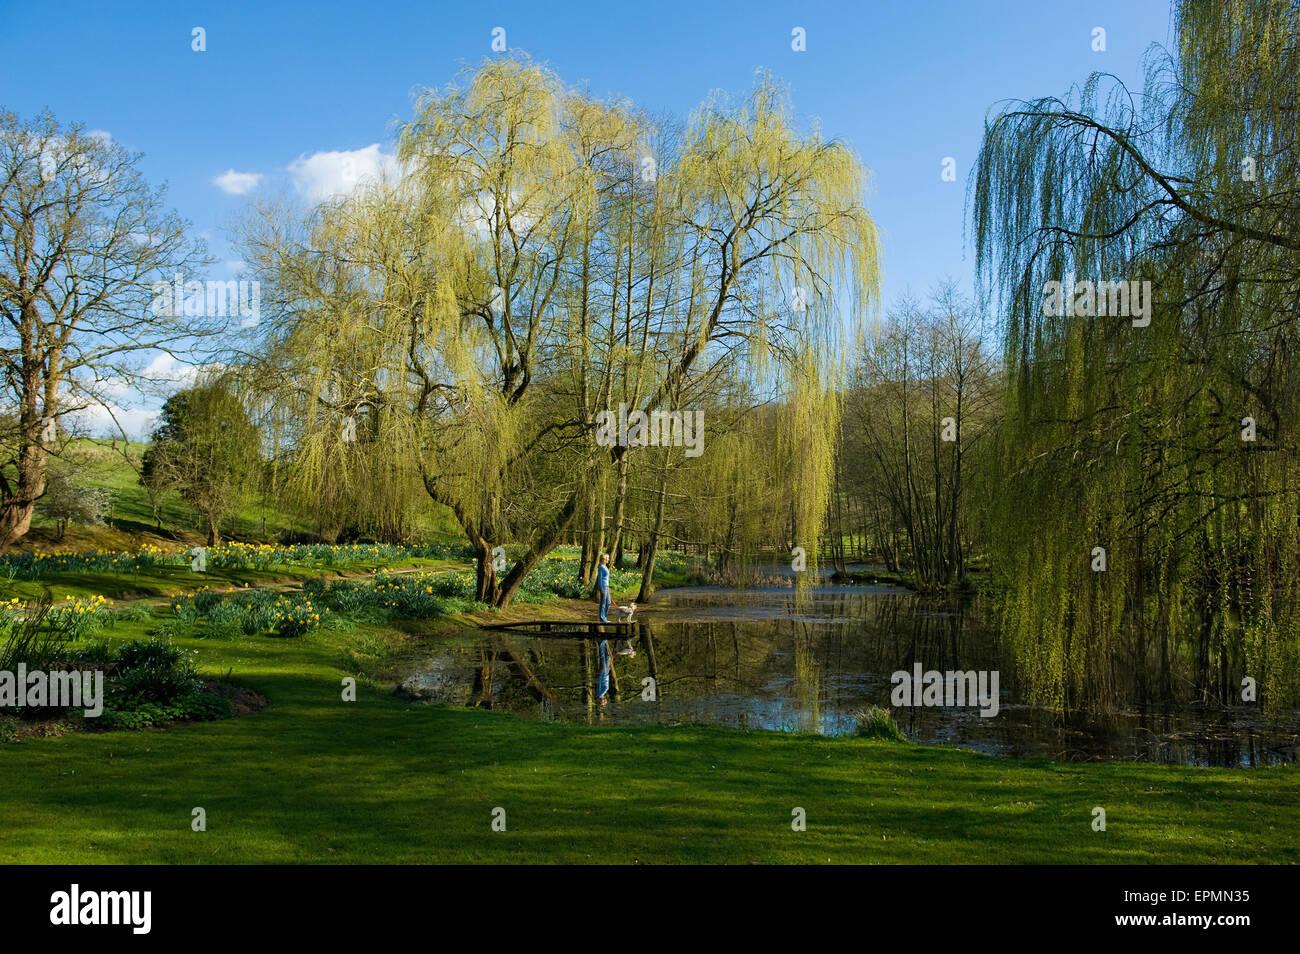 Una mujer y un perro parado sobre un embarcadero en un lago, con sauce llorón frondes, llegando hasta el agua. Imagen De Stock